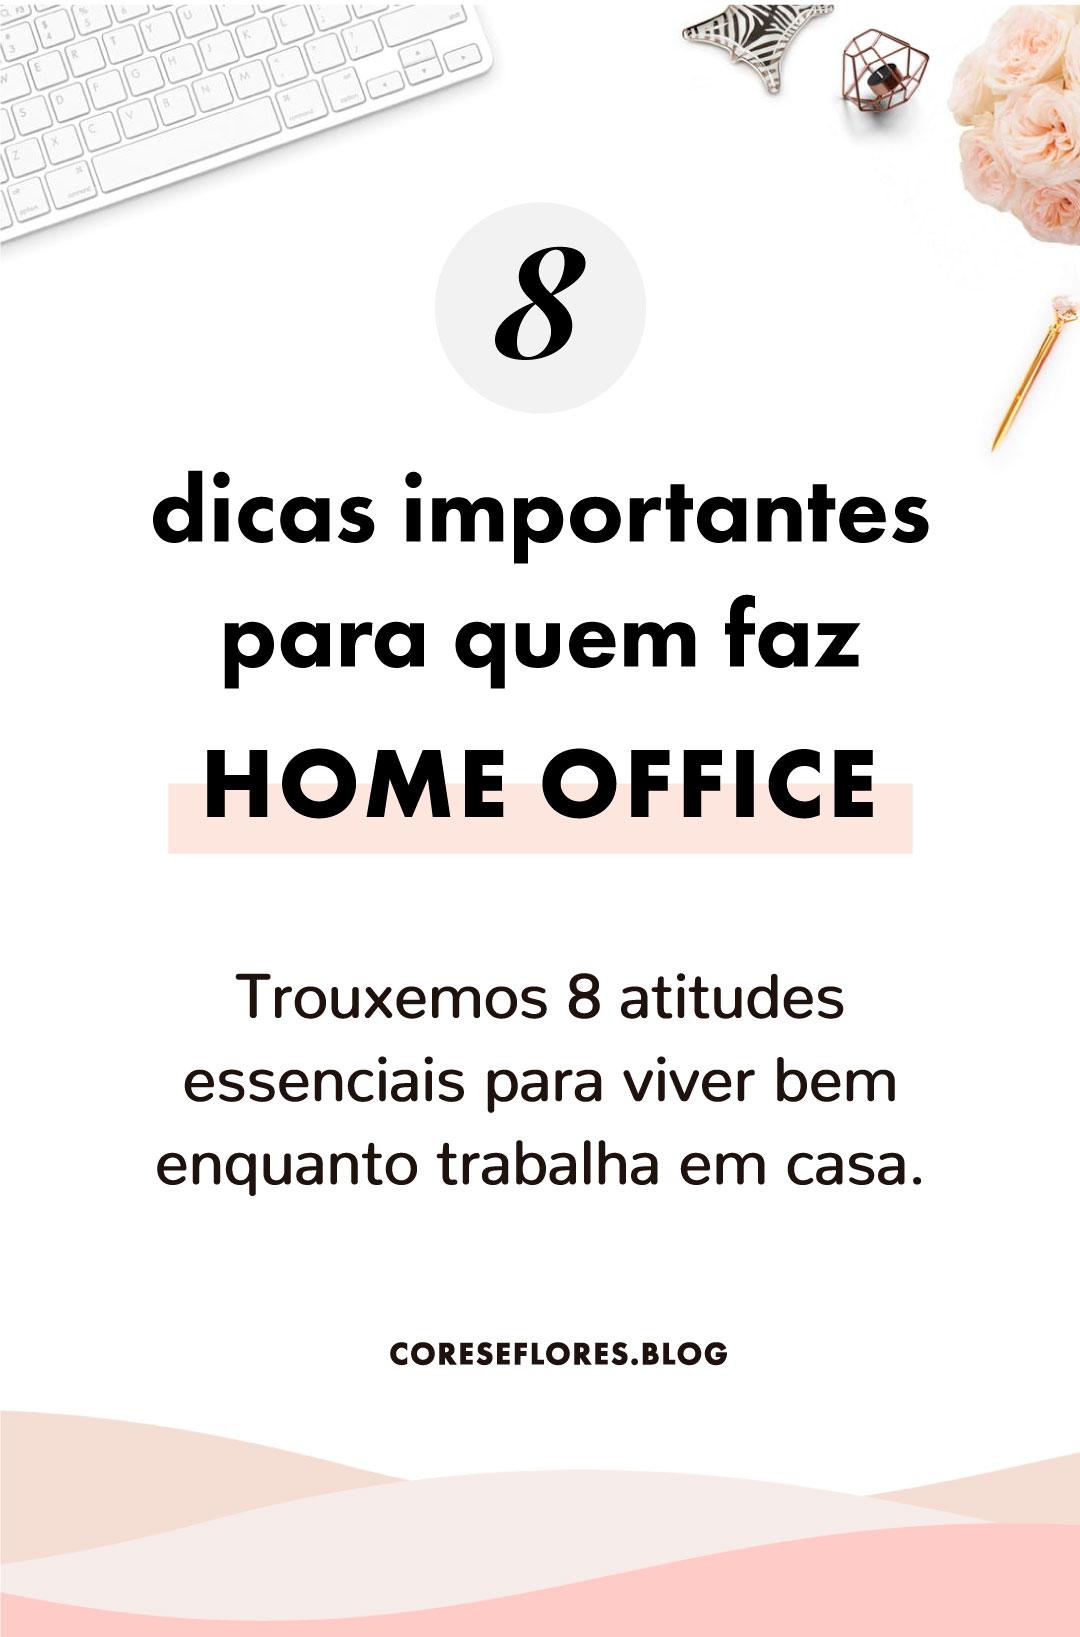 Dicas importantes para quem trabalha em casa